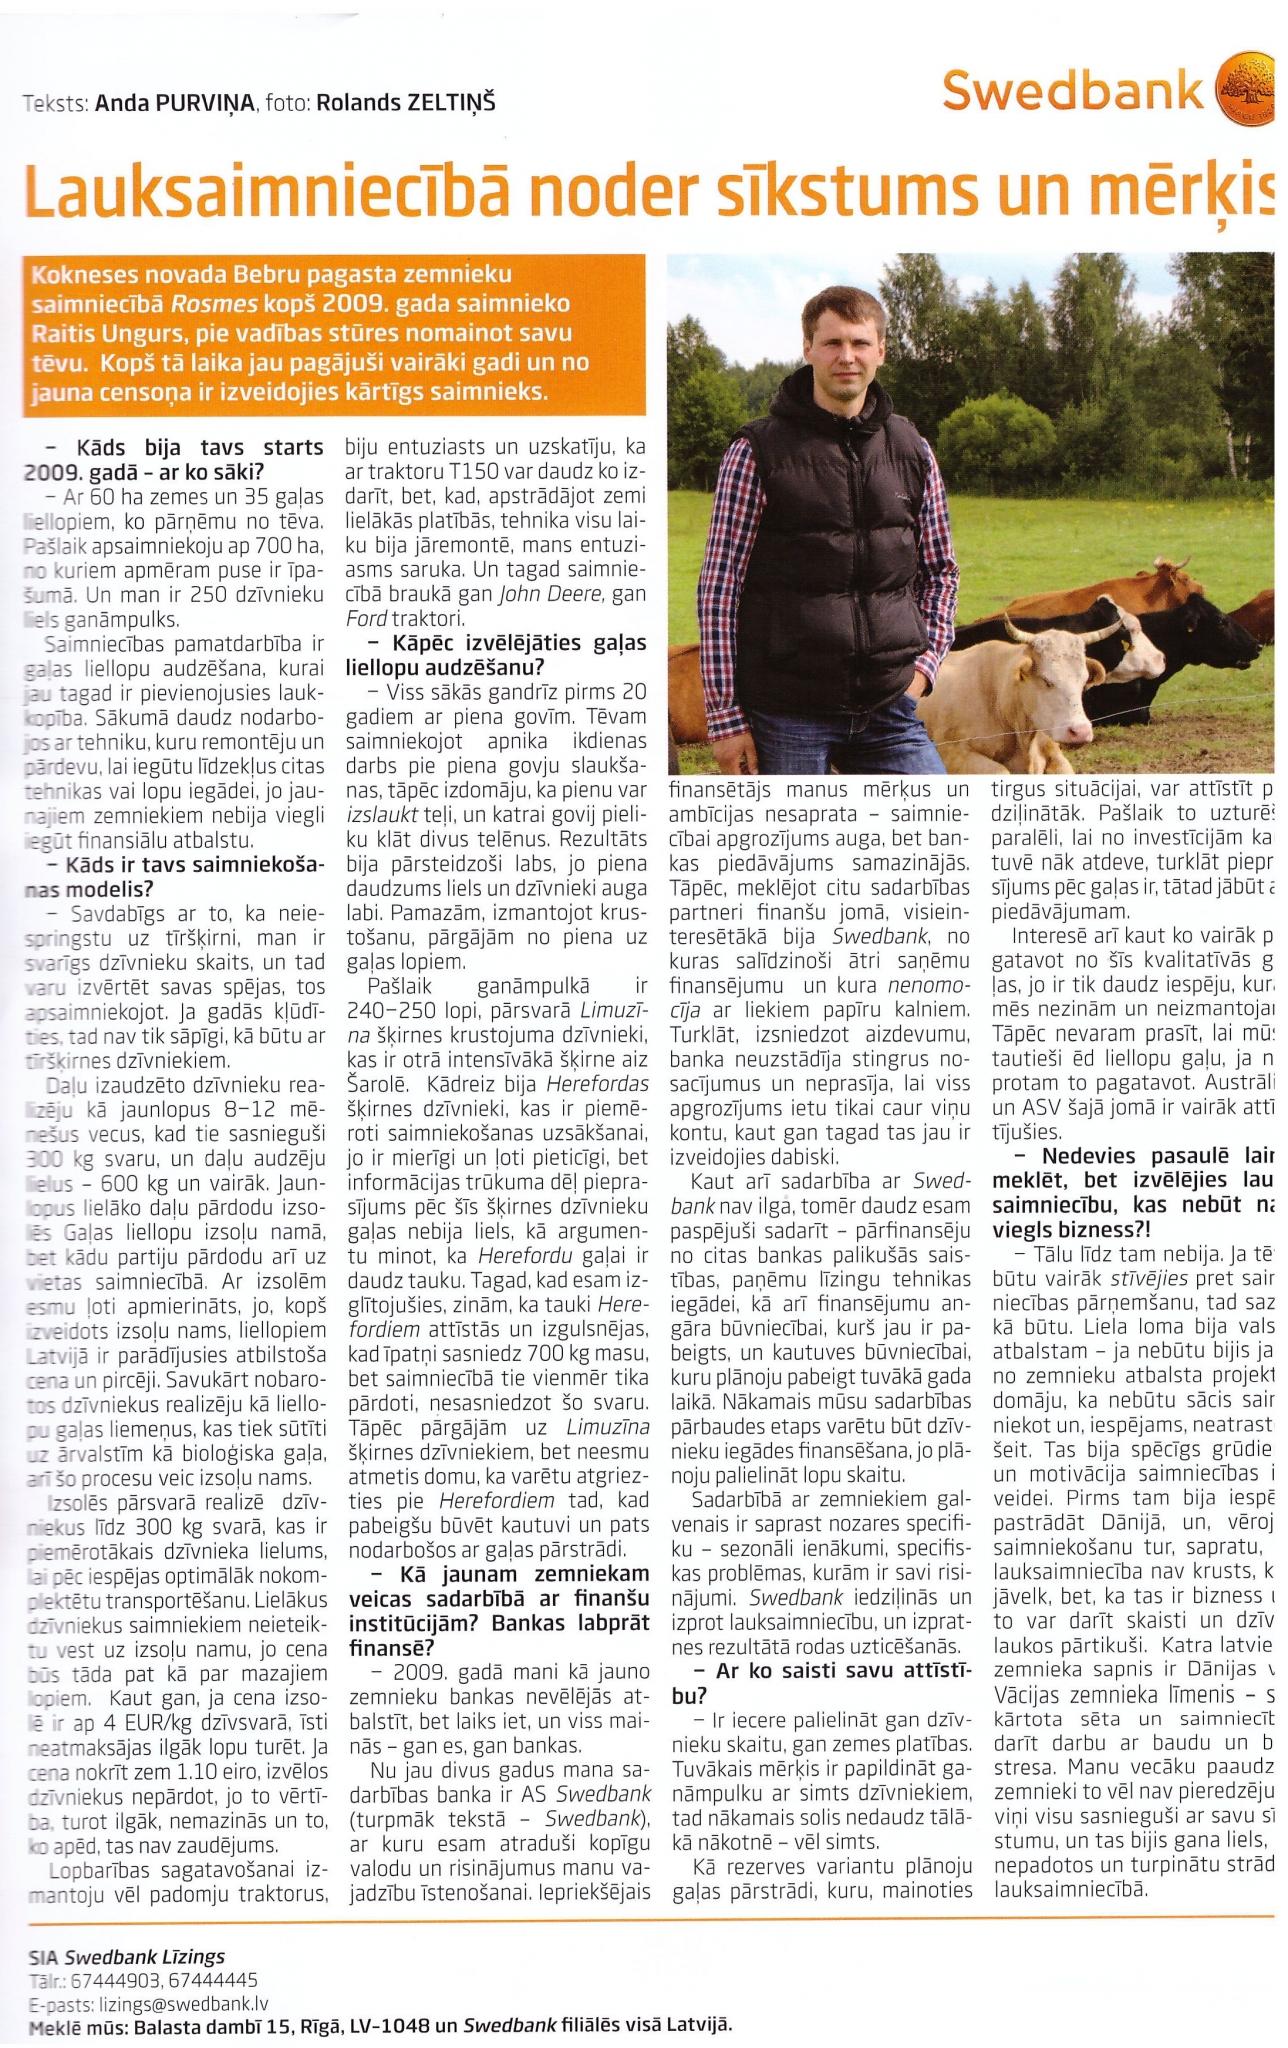 Lauksaimniecībā noder sīkstums un mērķis